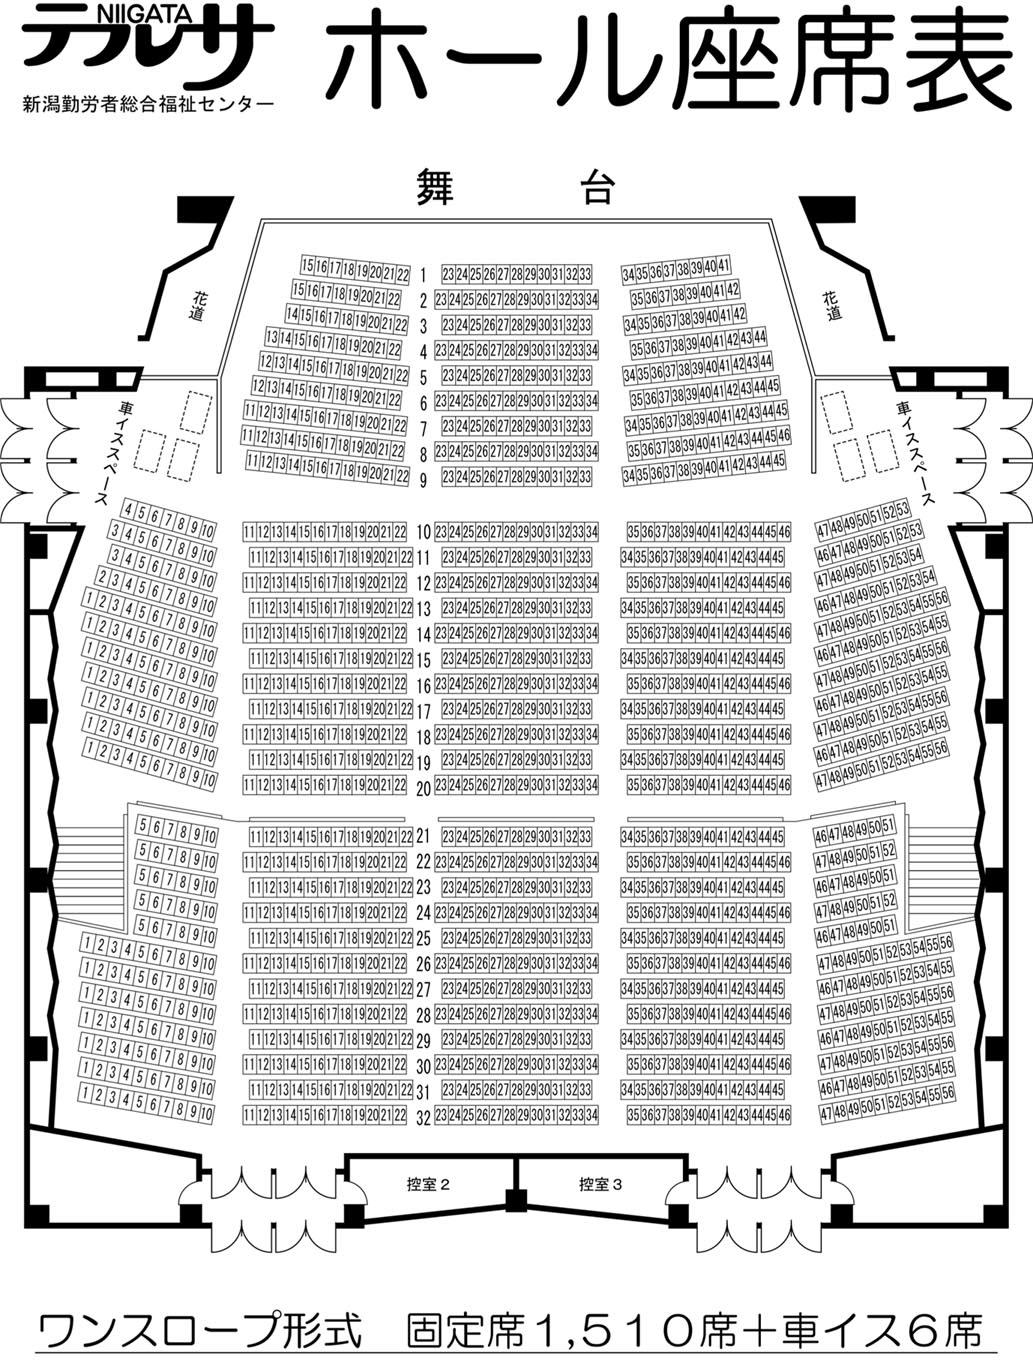 座席 表 テルサ 新潟